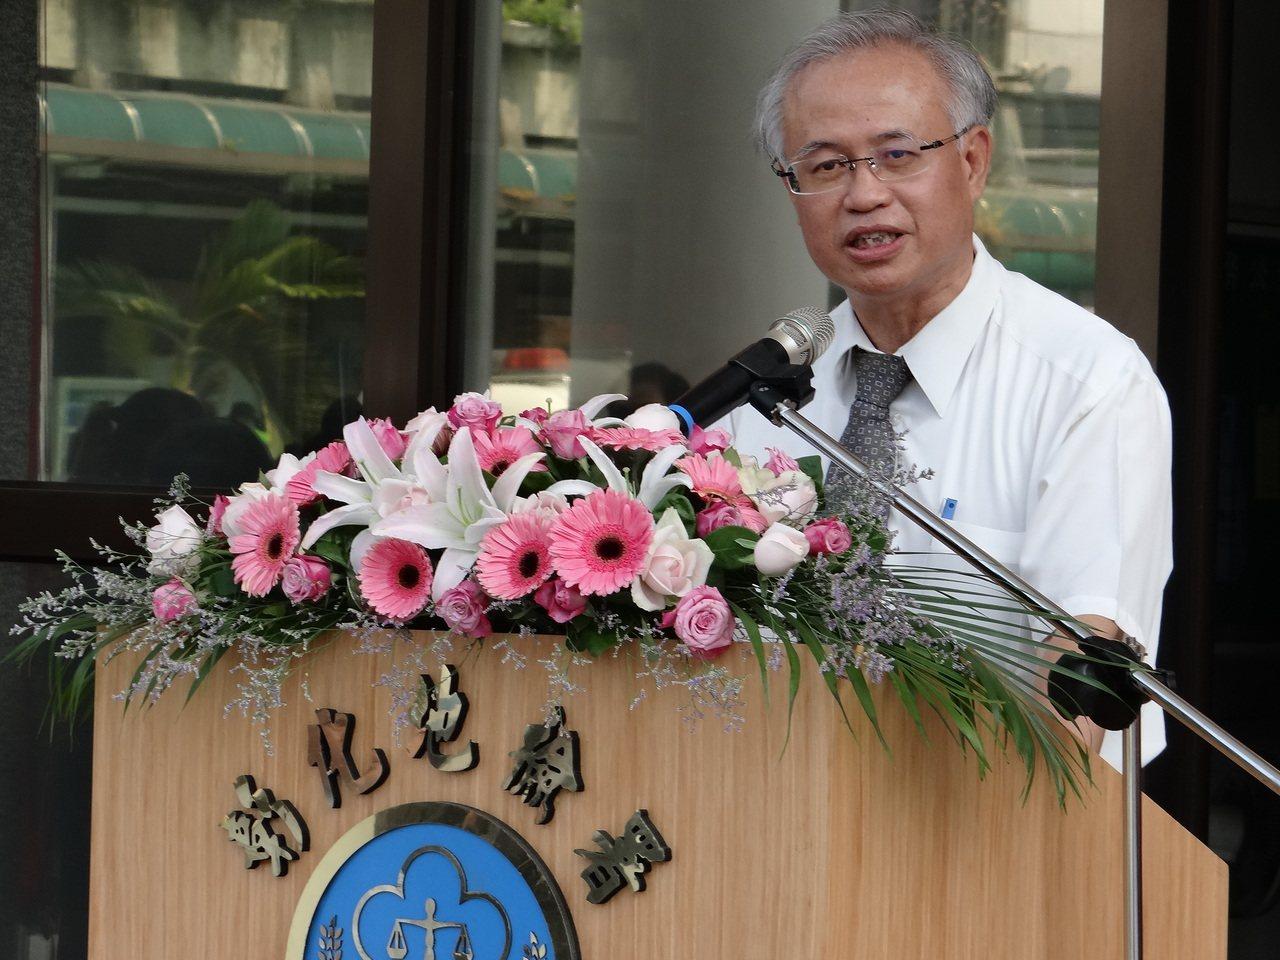 法務部政務次長張斗輝今天在彰化地檢署說法務部明年會增加法警人力。記者何炯榮/攝影